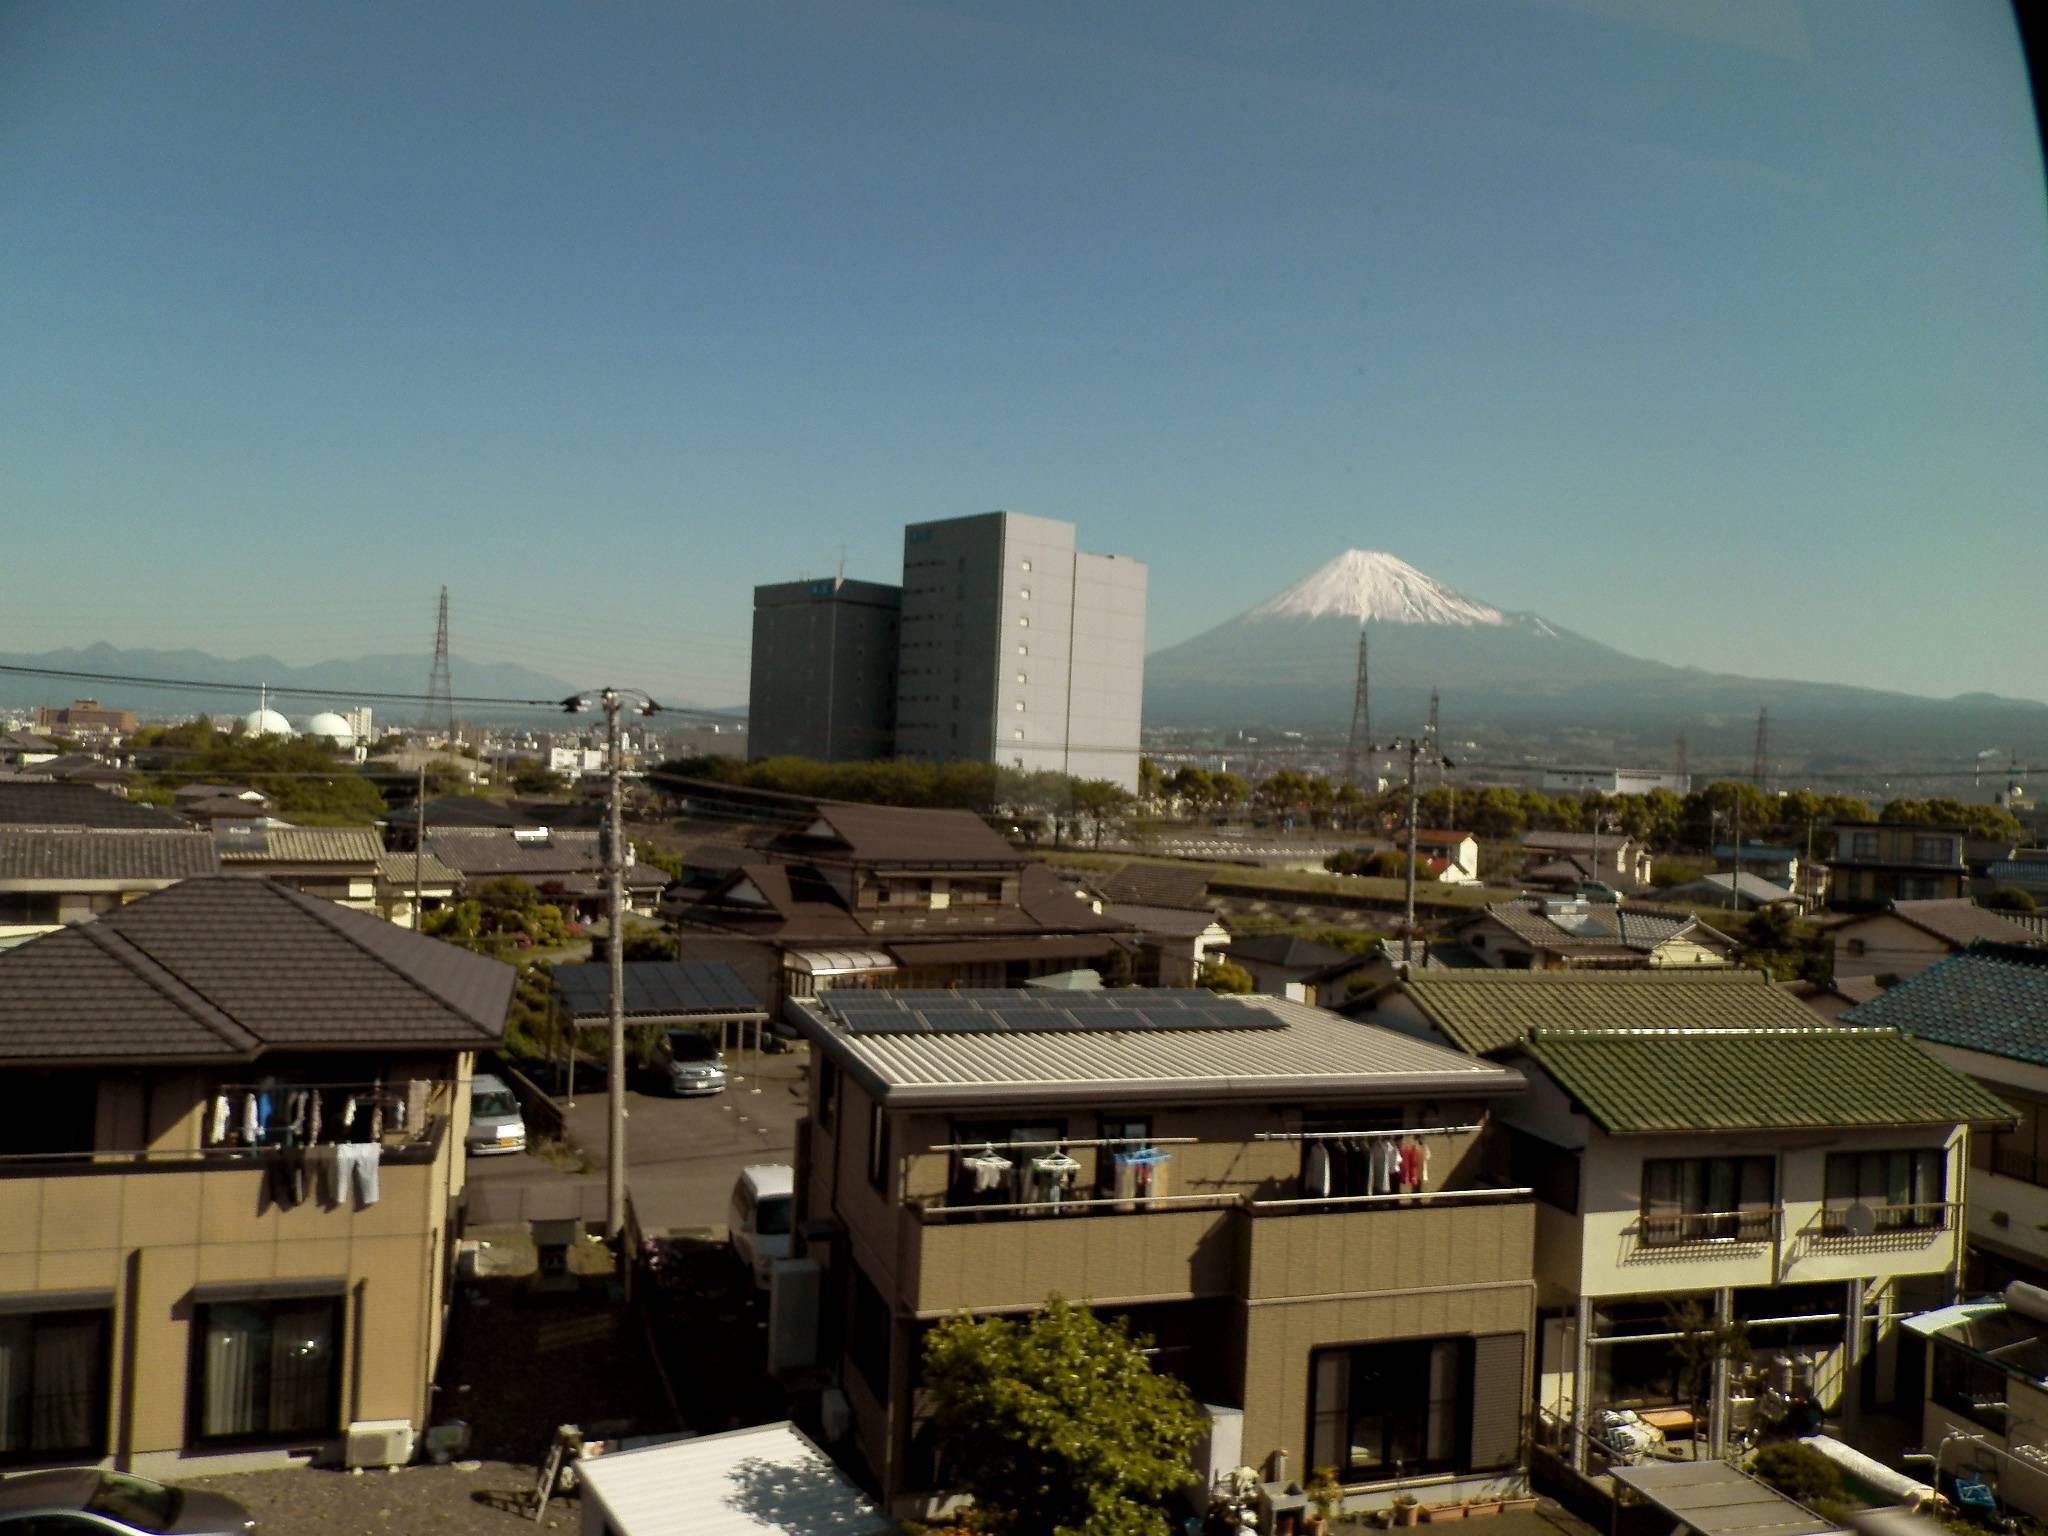 自転車の 東京 富士山 自転車 ルート : と富士山だ! 昨年は富士山 ...